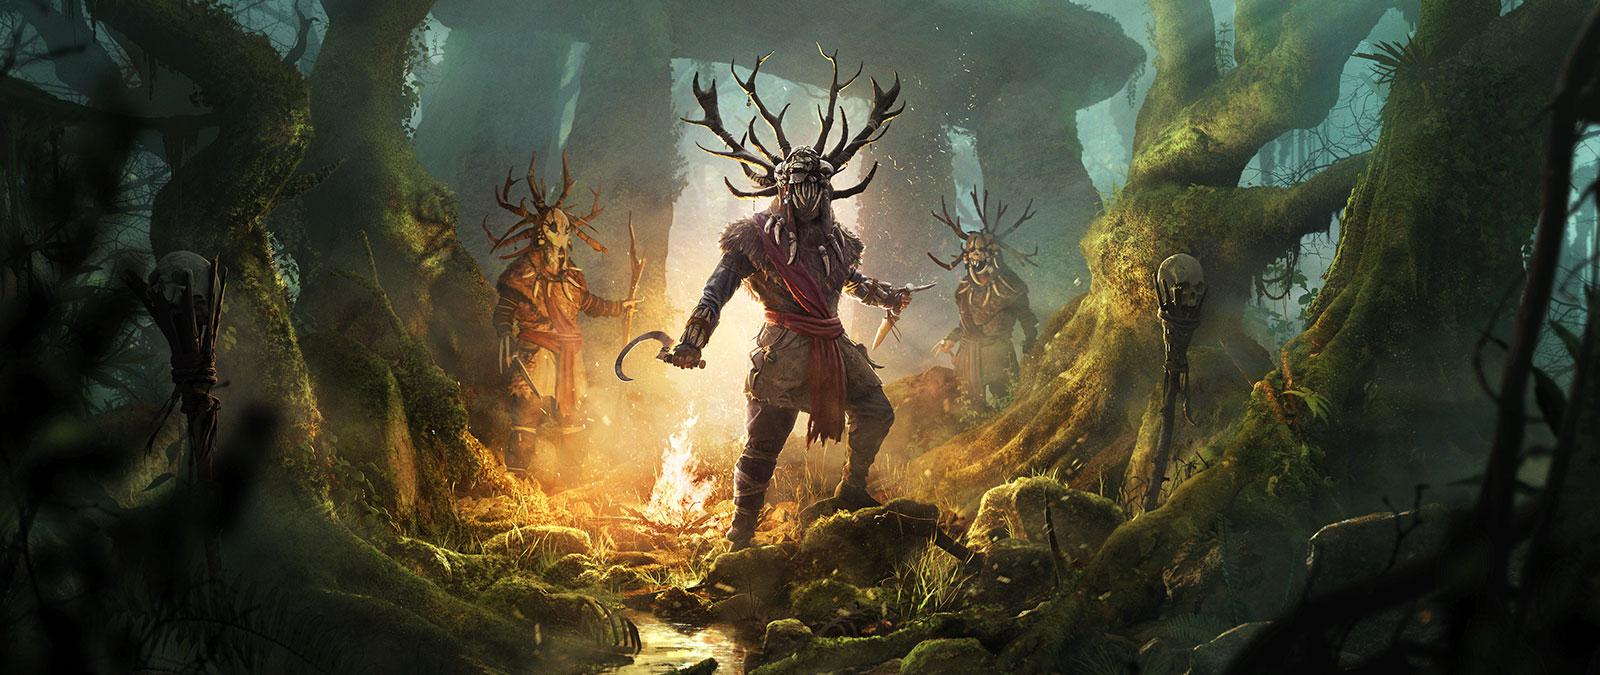 Três personagens usam chifres e capacetes feitos de caveiras perto de uma fogueira numa floresta